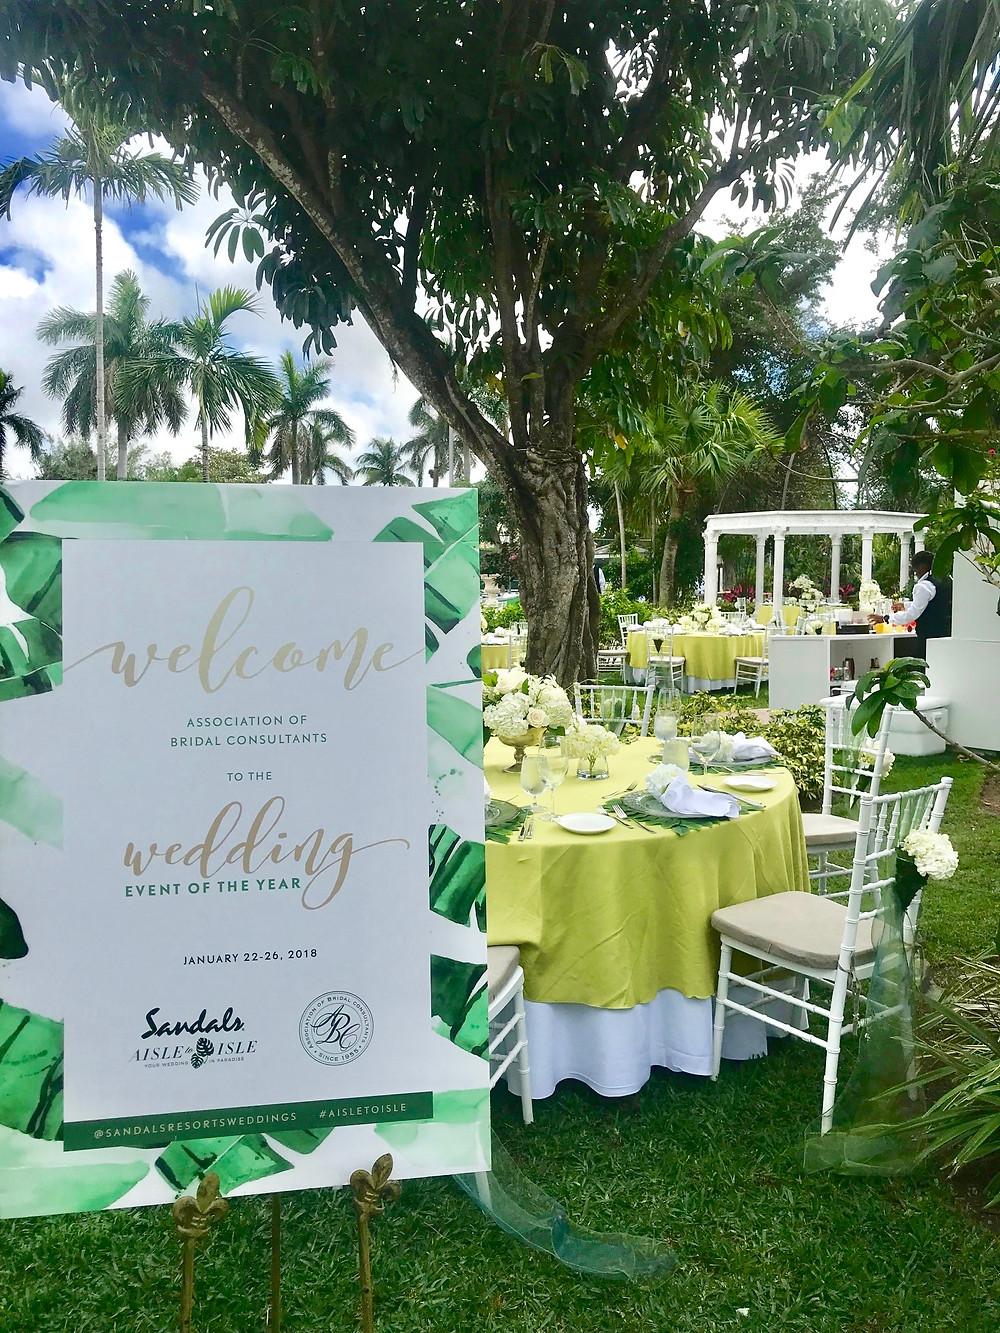 Outdoor reception at Sandals Royal Barbados